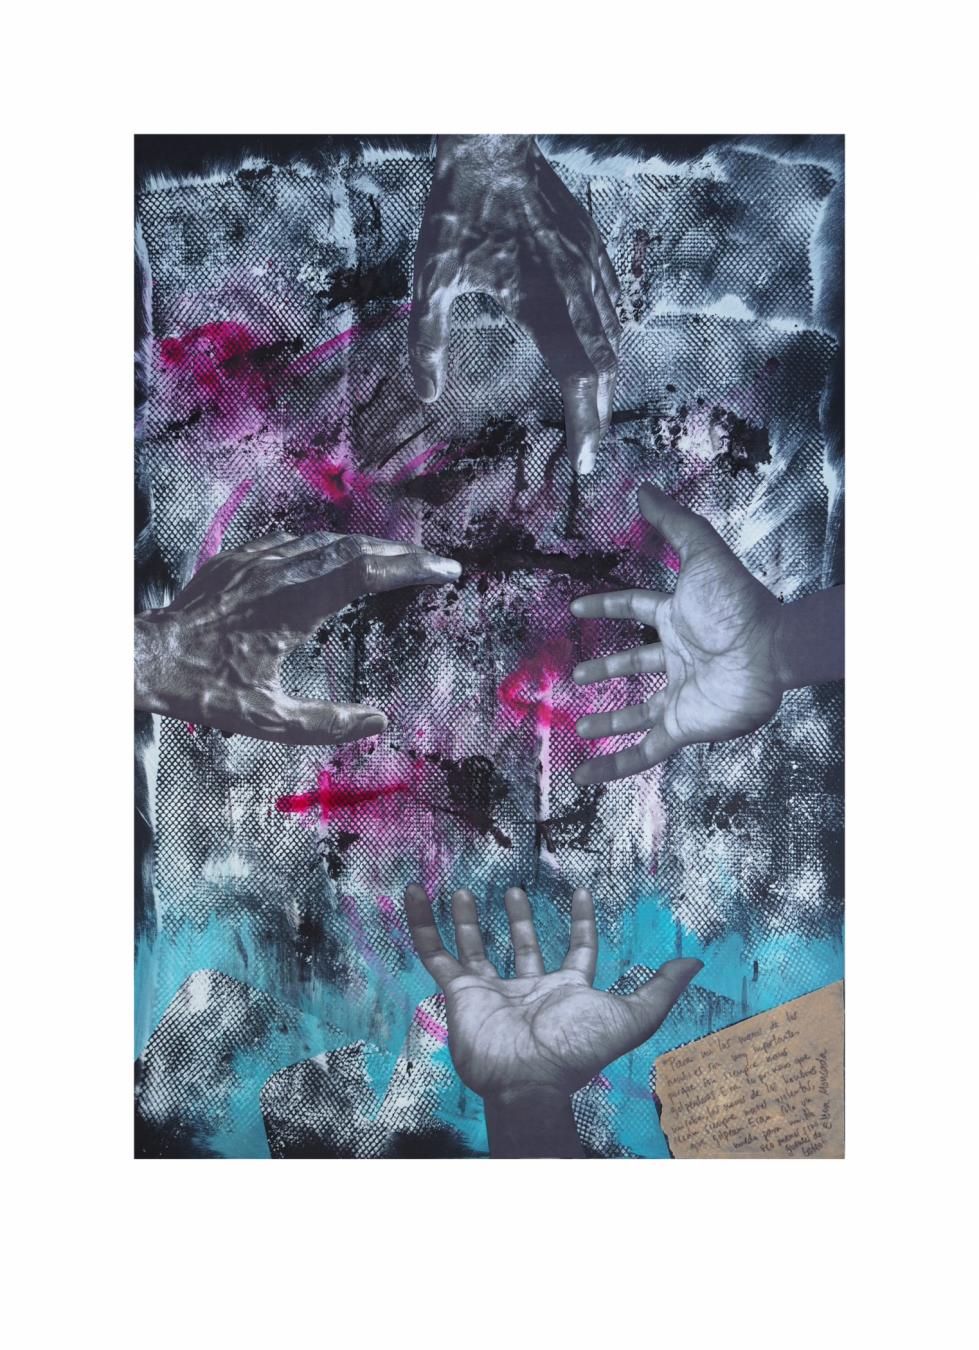 """Manos de hombre. Serie """"Madres en redes de trata"""" 42 x 59,4 cm Mixta (acrílico y collage) sobre papel.Obra original - Madres en redes de trata - sonia m.requejo, Artista visual"""